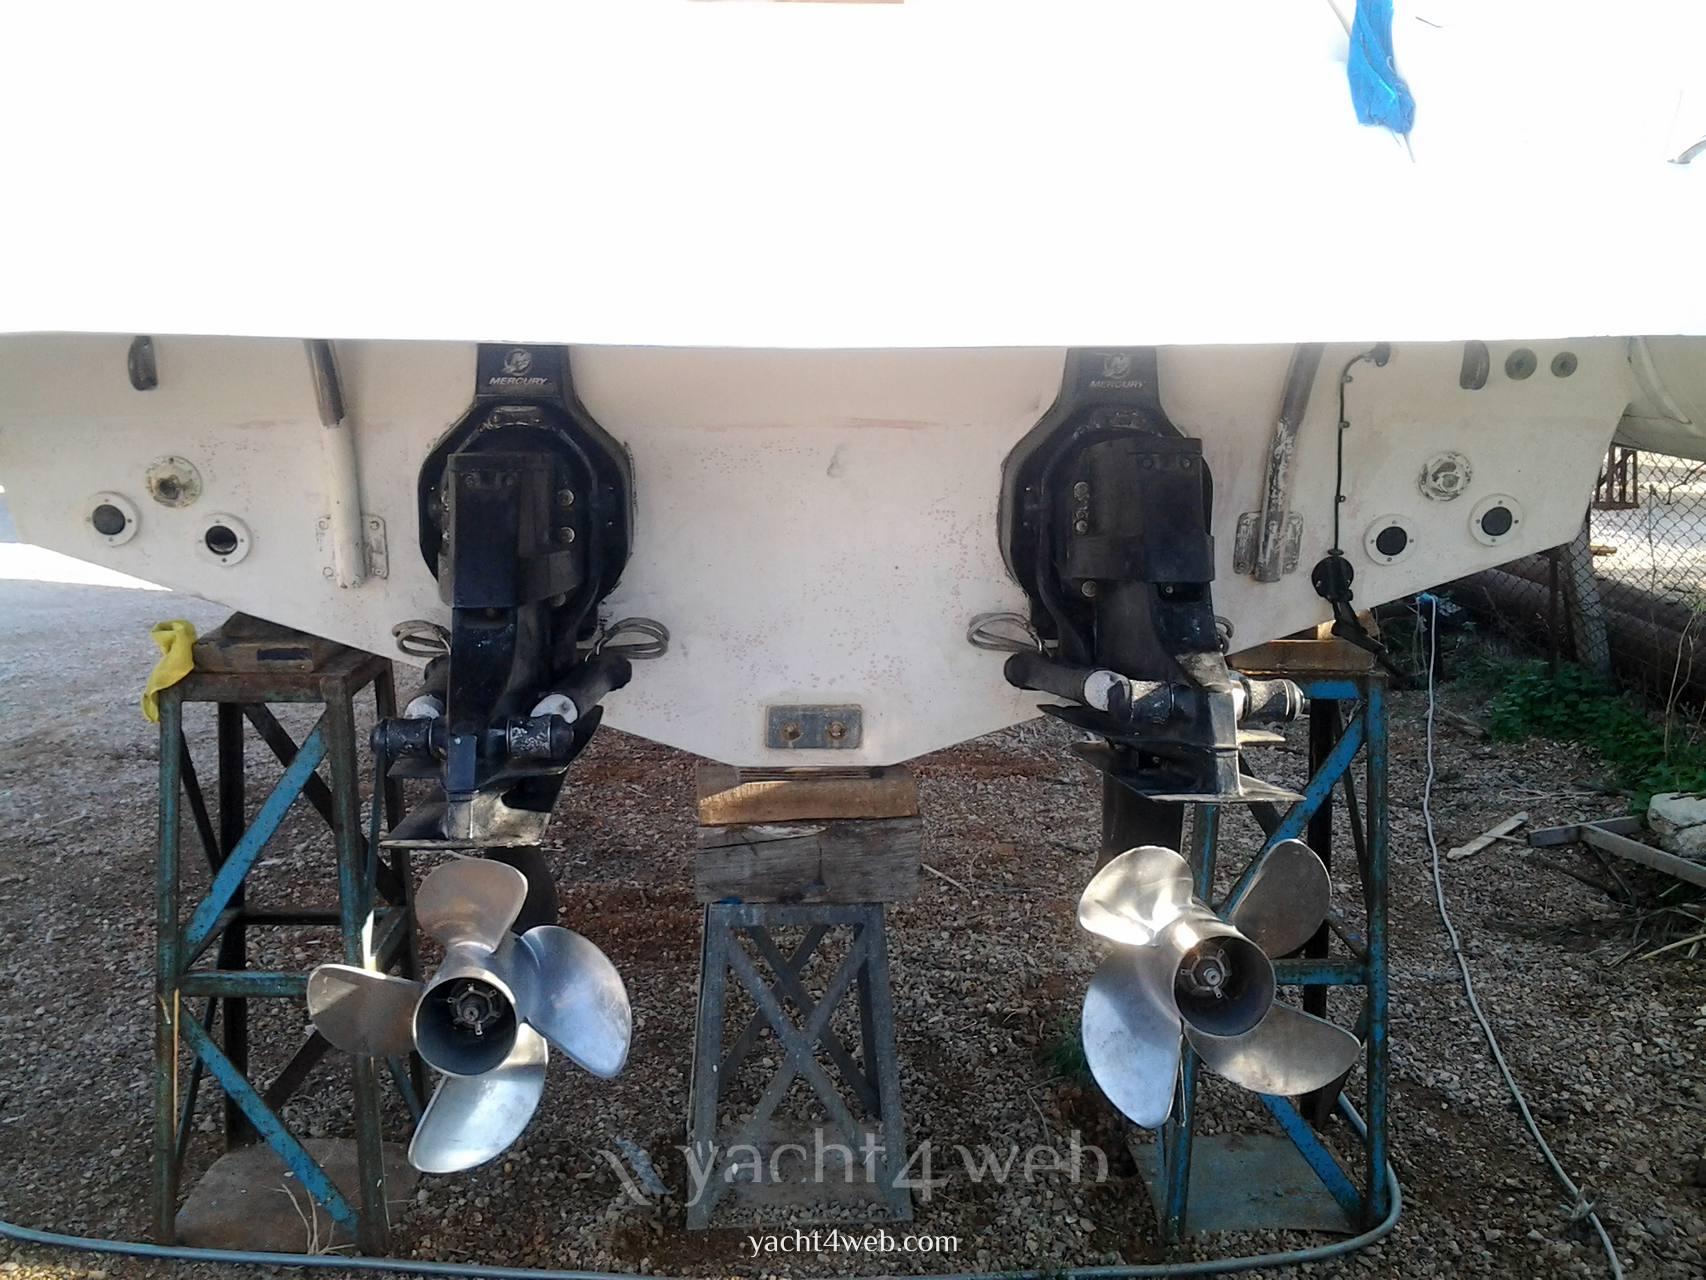 BWA 34 efb premium Inflatable used